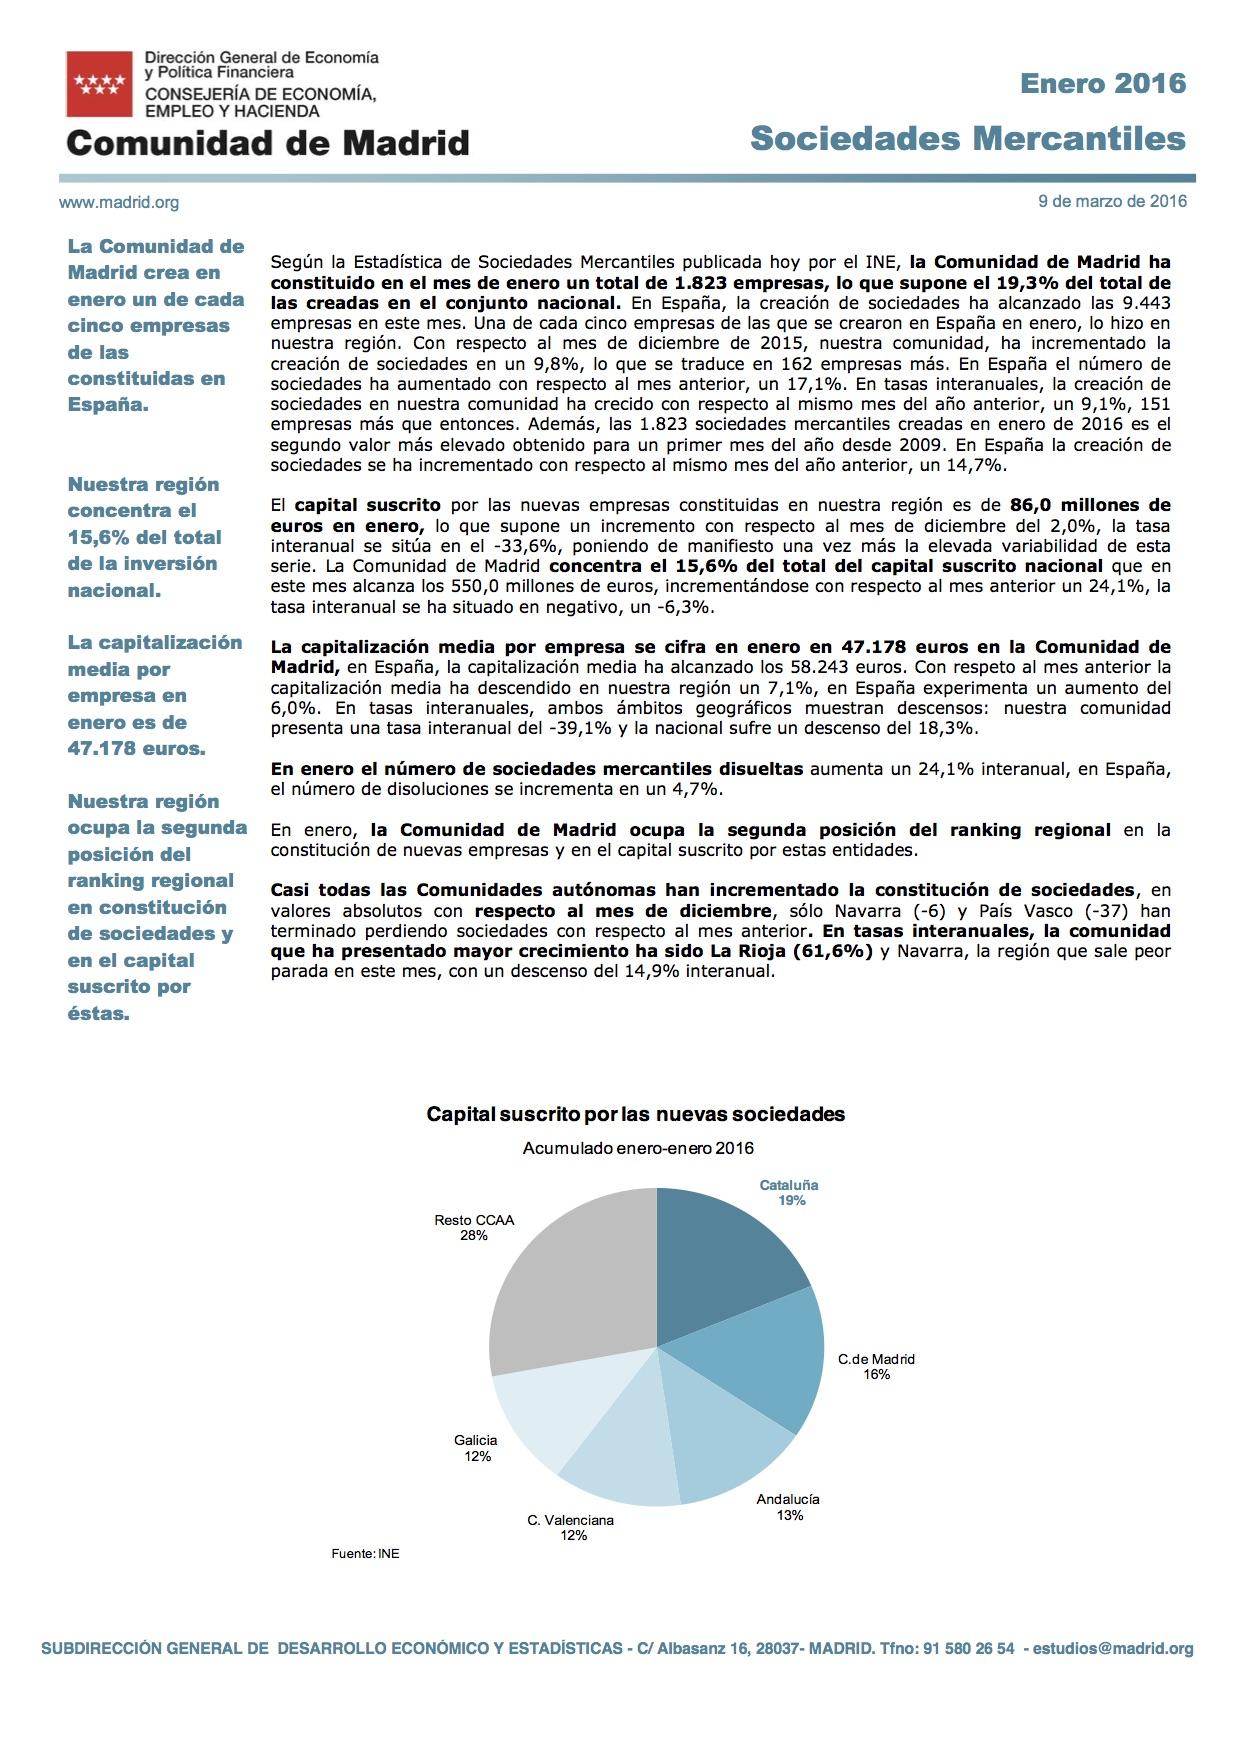 Sociedades2_Mercantiles_enero_2016